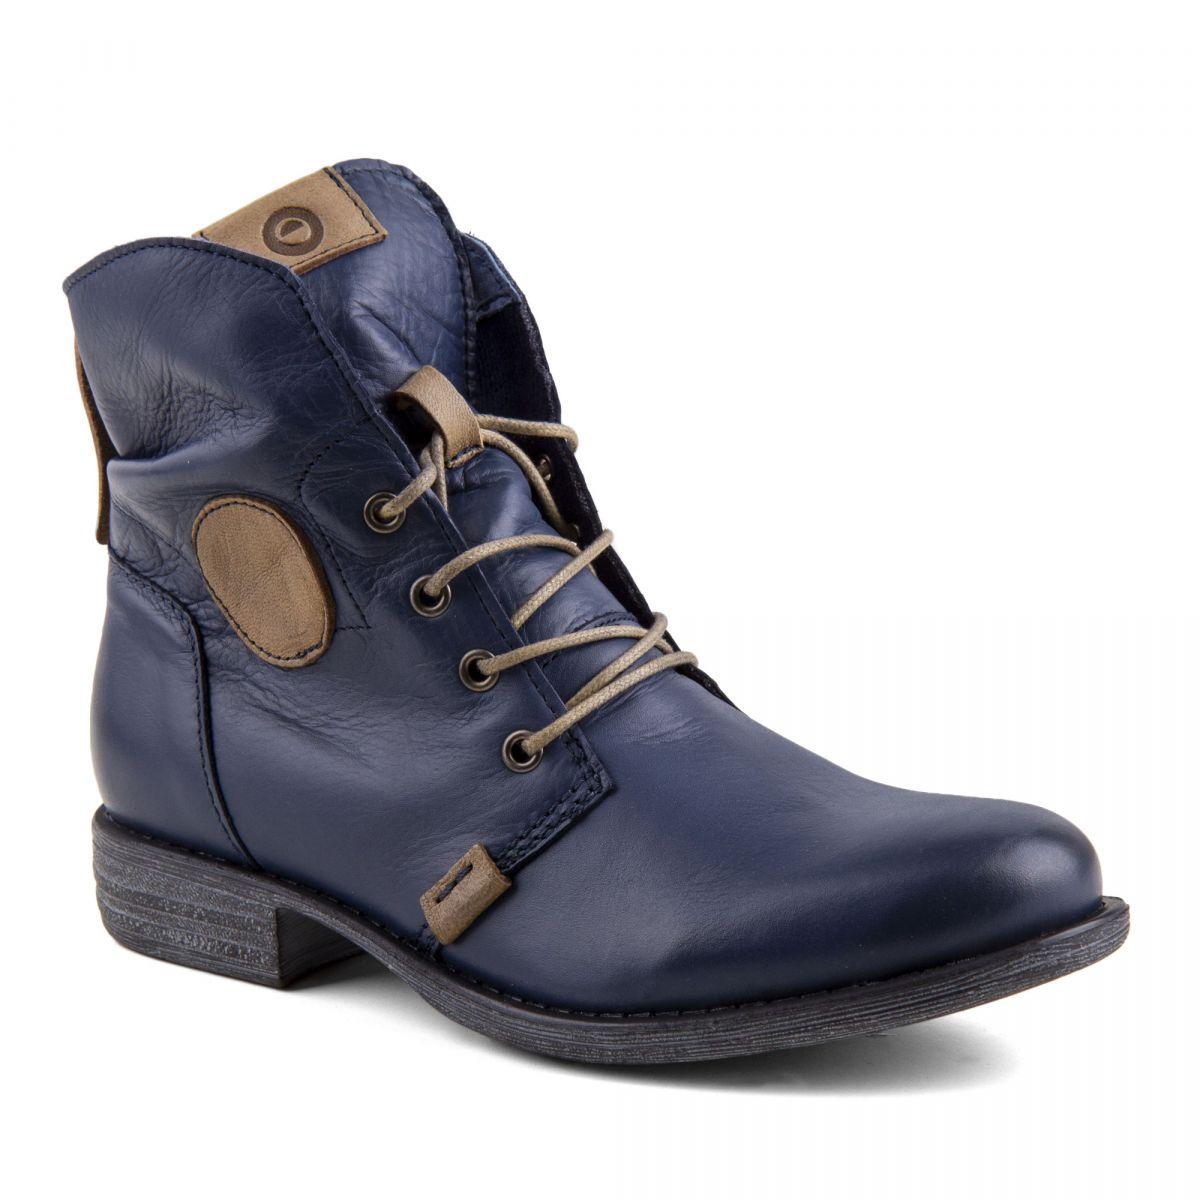 bfdd9f0245f93 ... Boots cuir Femme ORLANDO marque pas cher prix dégriffés destockage ...